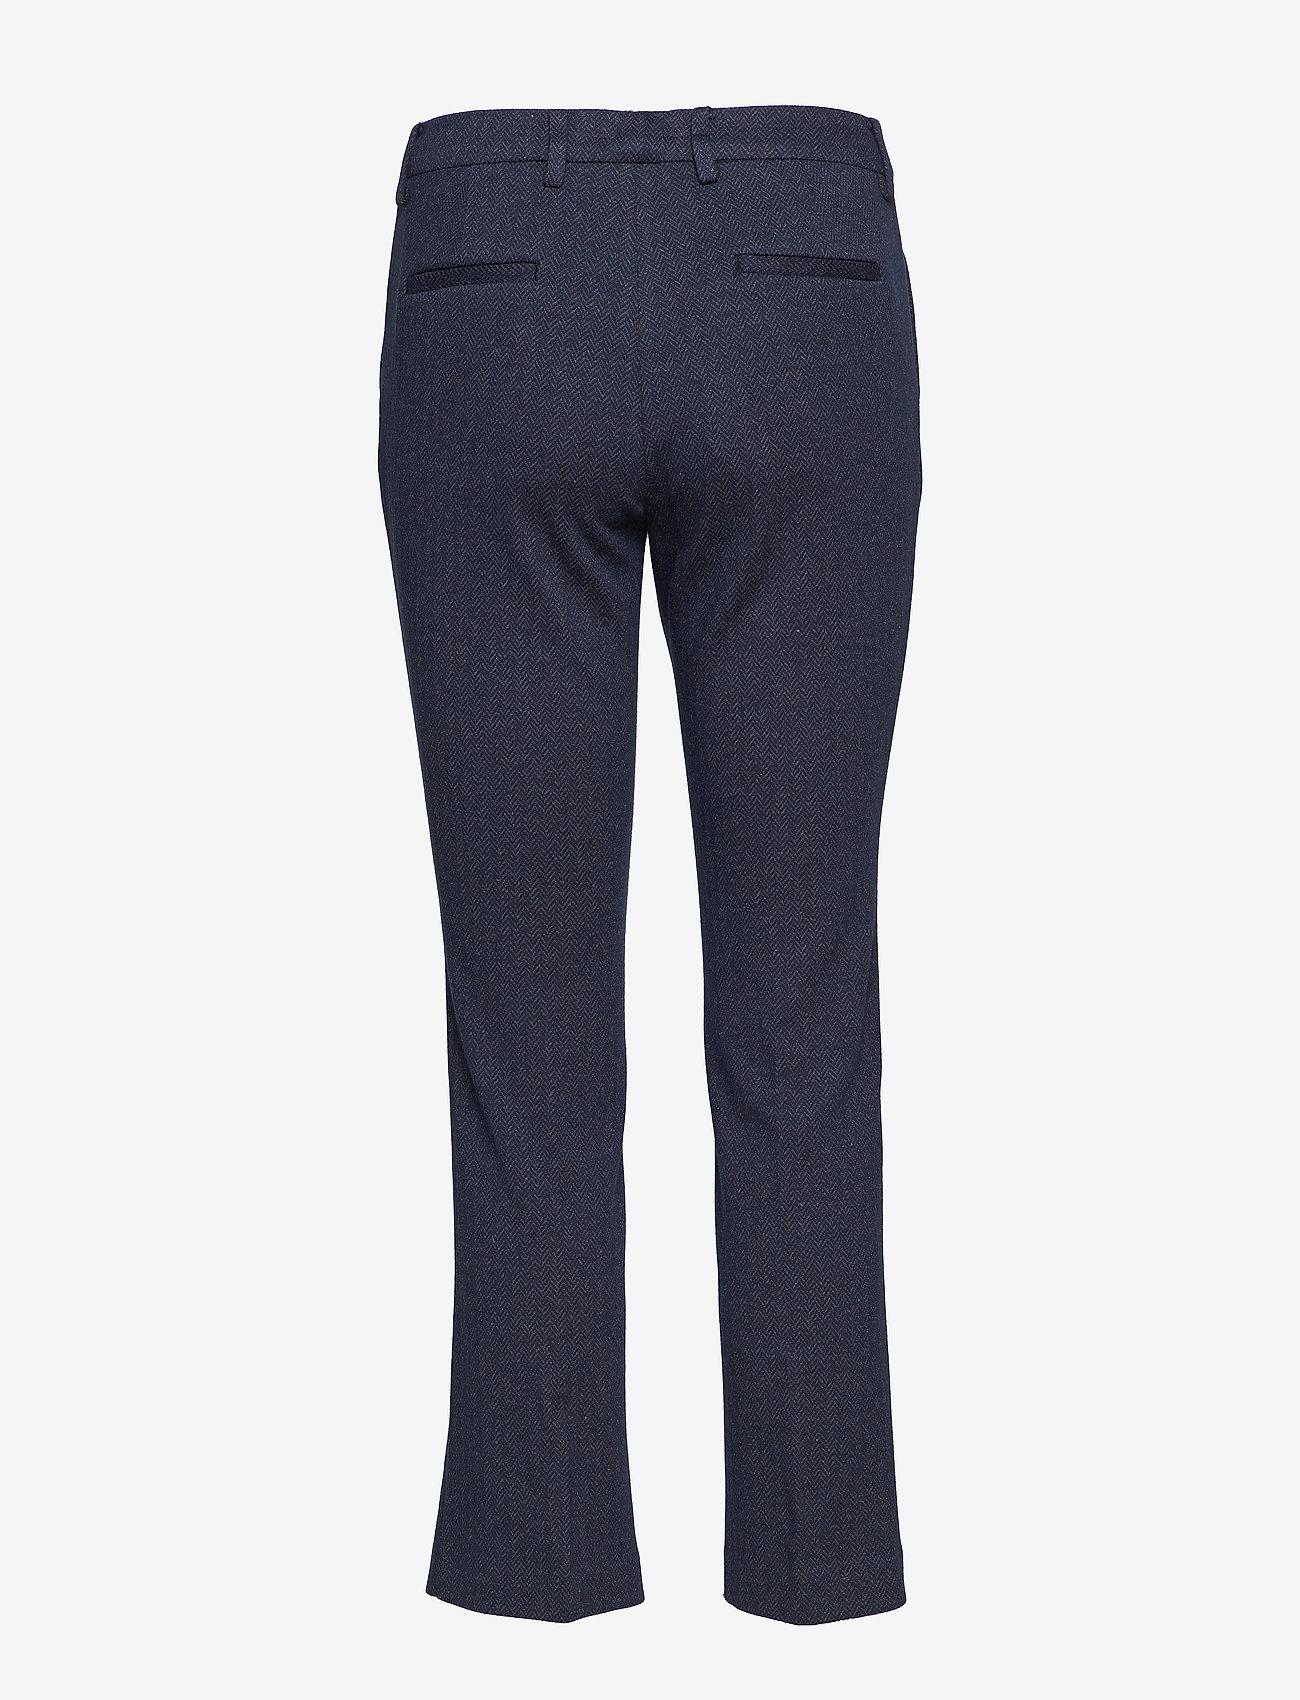 O1.herringbone Jersey Pants (Marine) - Gant sx0ozc